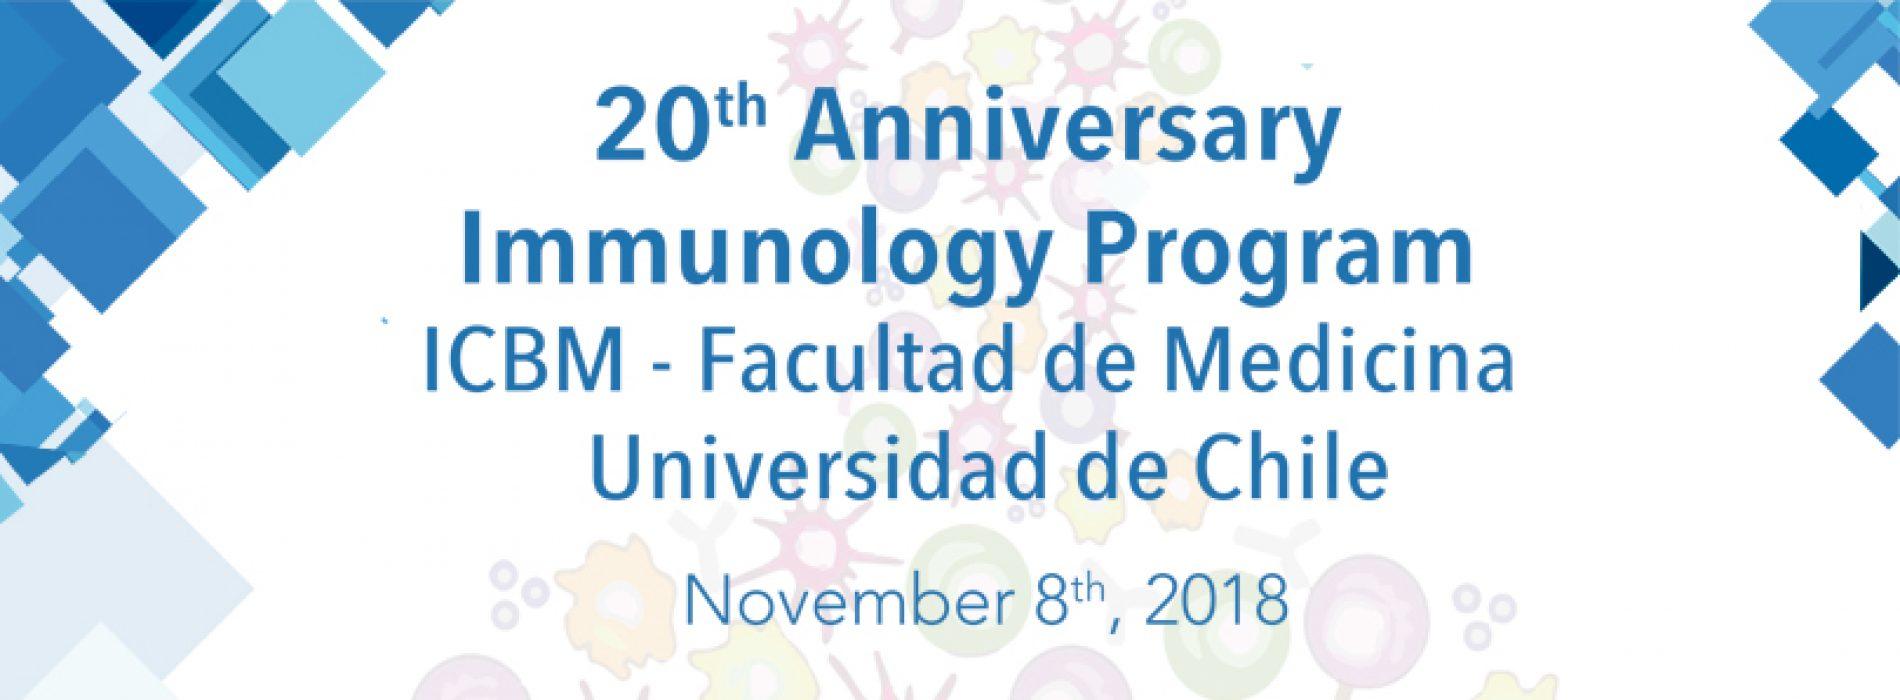 20 Aniversario del programa de inmunología